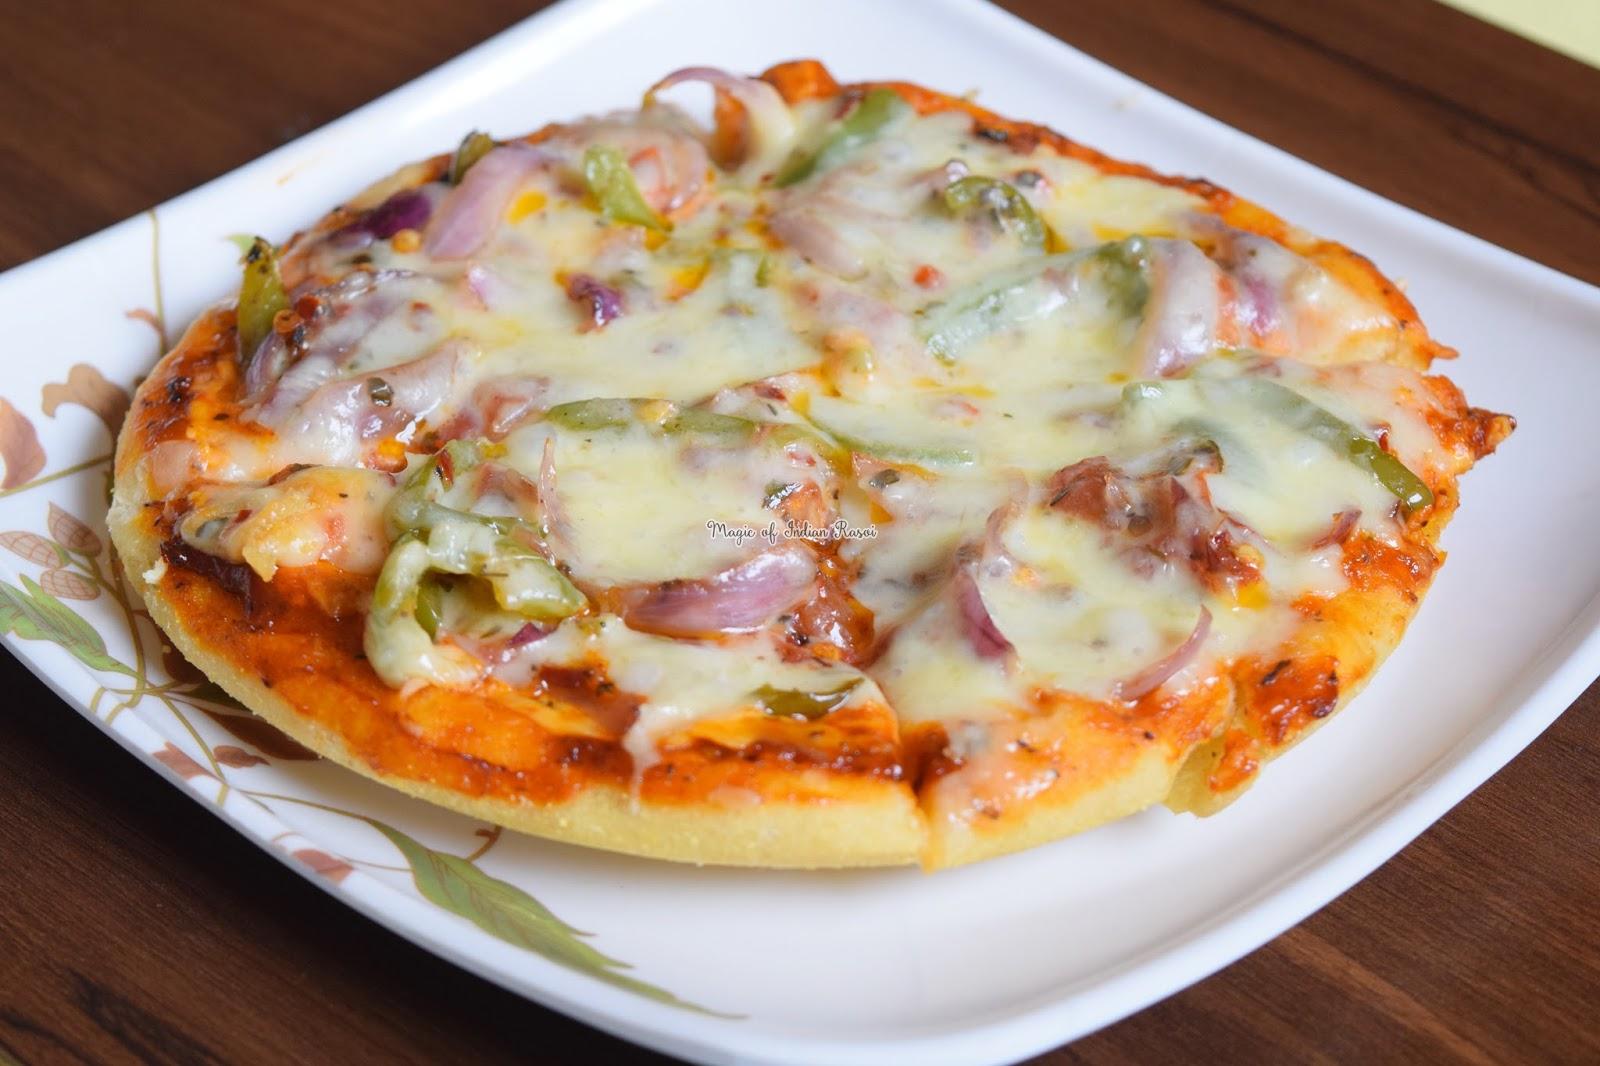 No Oven Veg Pizza - Pizza in Kadai Recipe - Homemade - No Yeast - नो ओवन वेज पिज्जा - पिज़्ज़ा कढ़ाई में बनाये - होममेड - बिना यीस्ट  रेसिपी - Priya R - Magic of Indian Rasoi